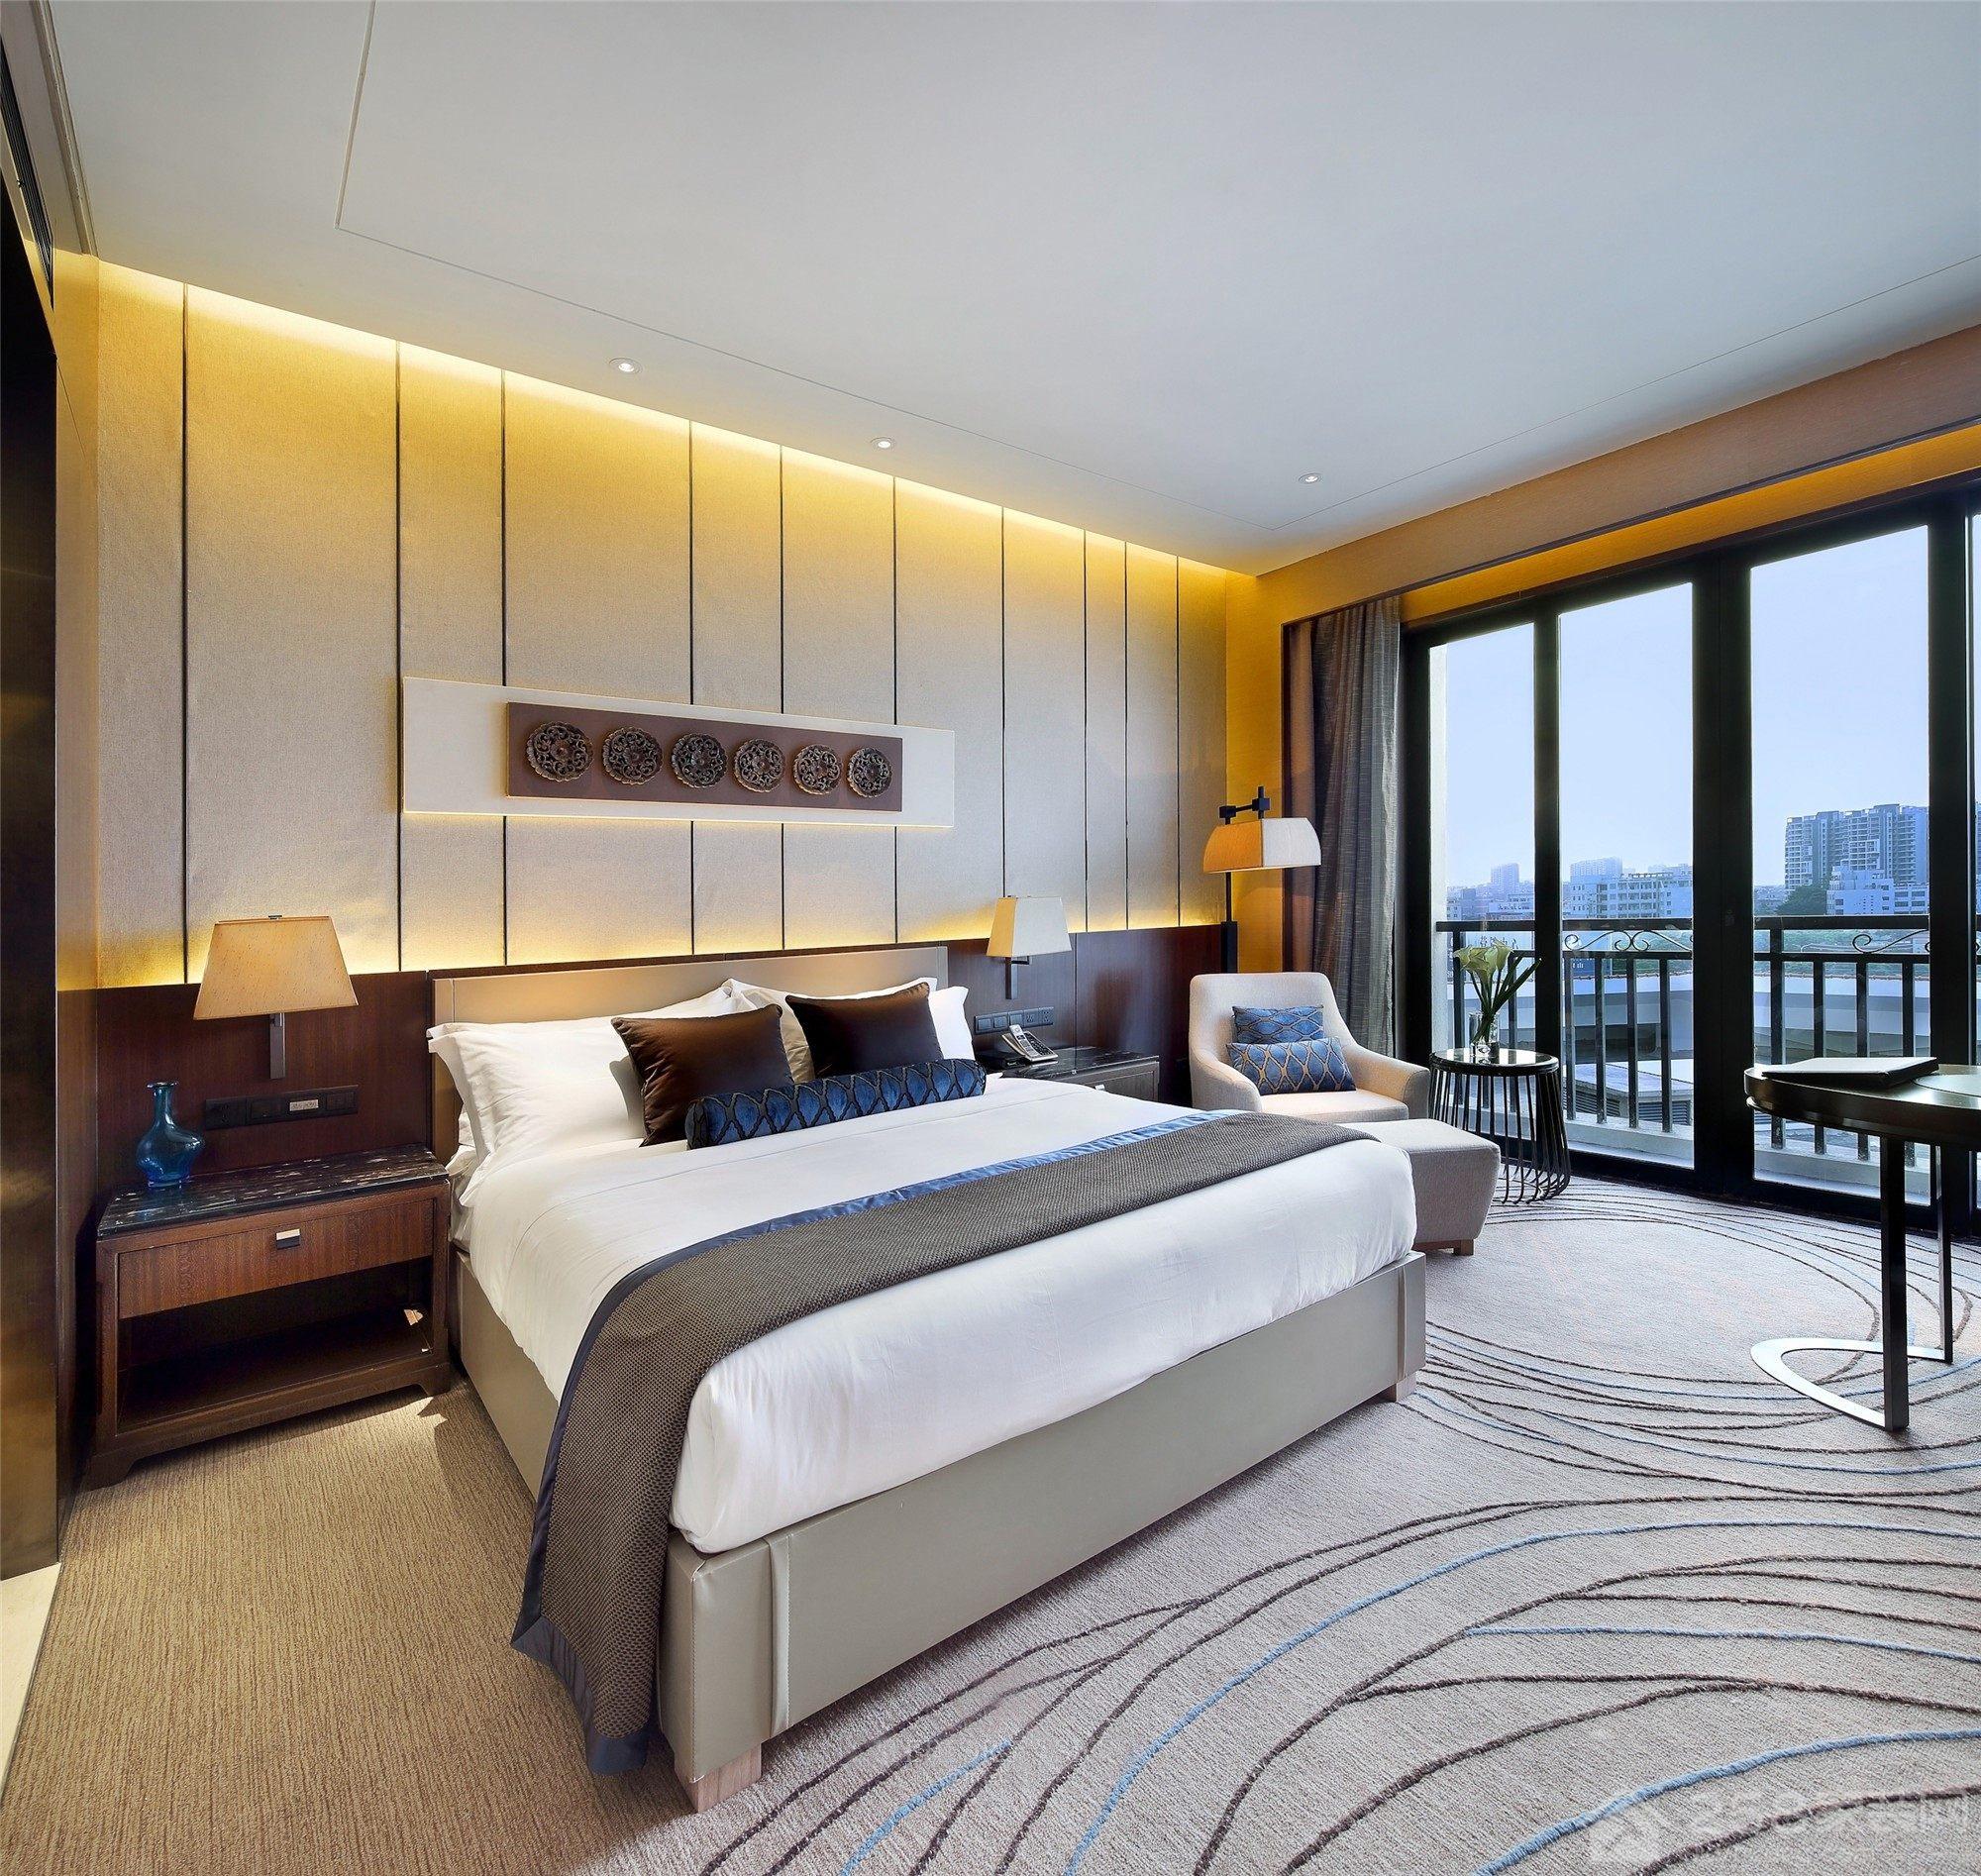 上海精品酒店装修效果图